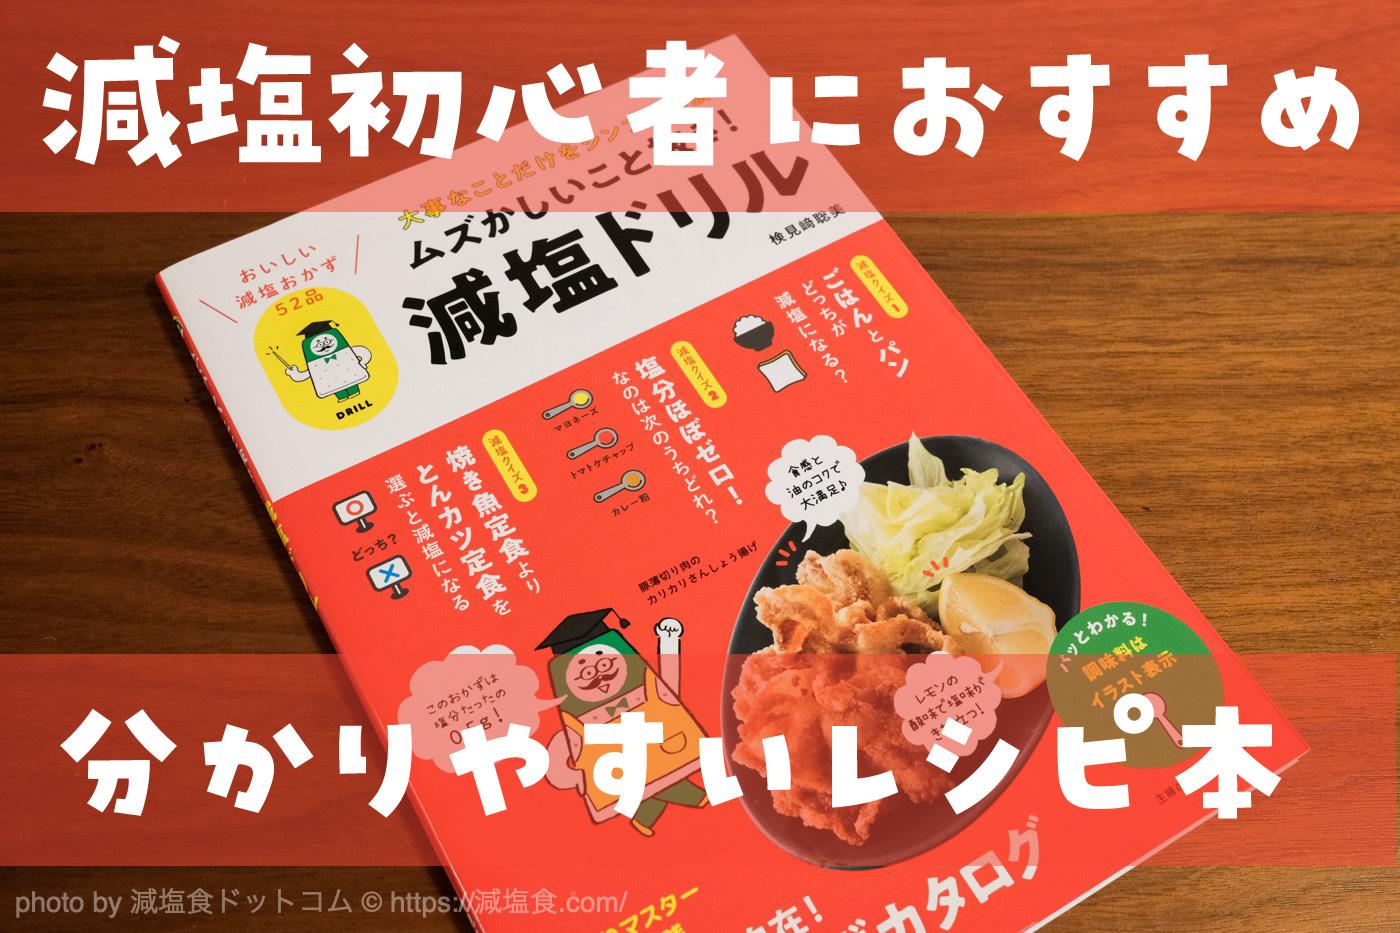 減塩 レシピ本 おすすめ